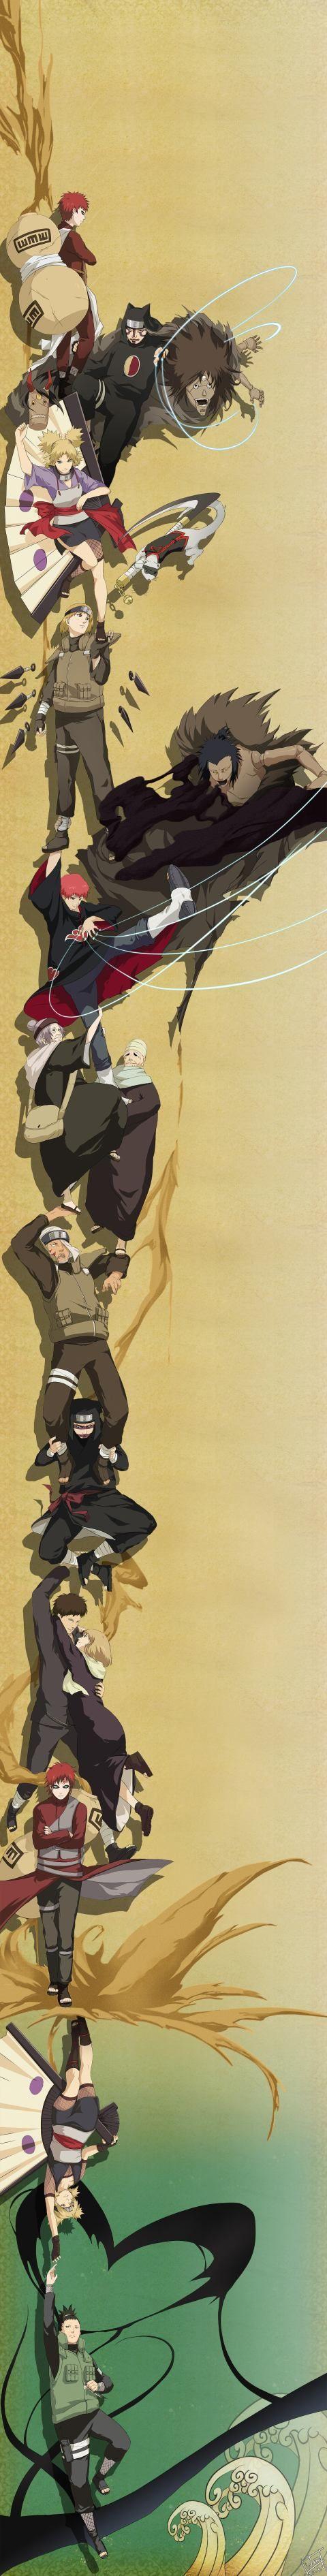 Gaara NARUTO Naruto shipuden Saori Akatsuki Sasori Shikamaru Temari